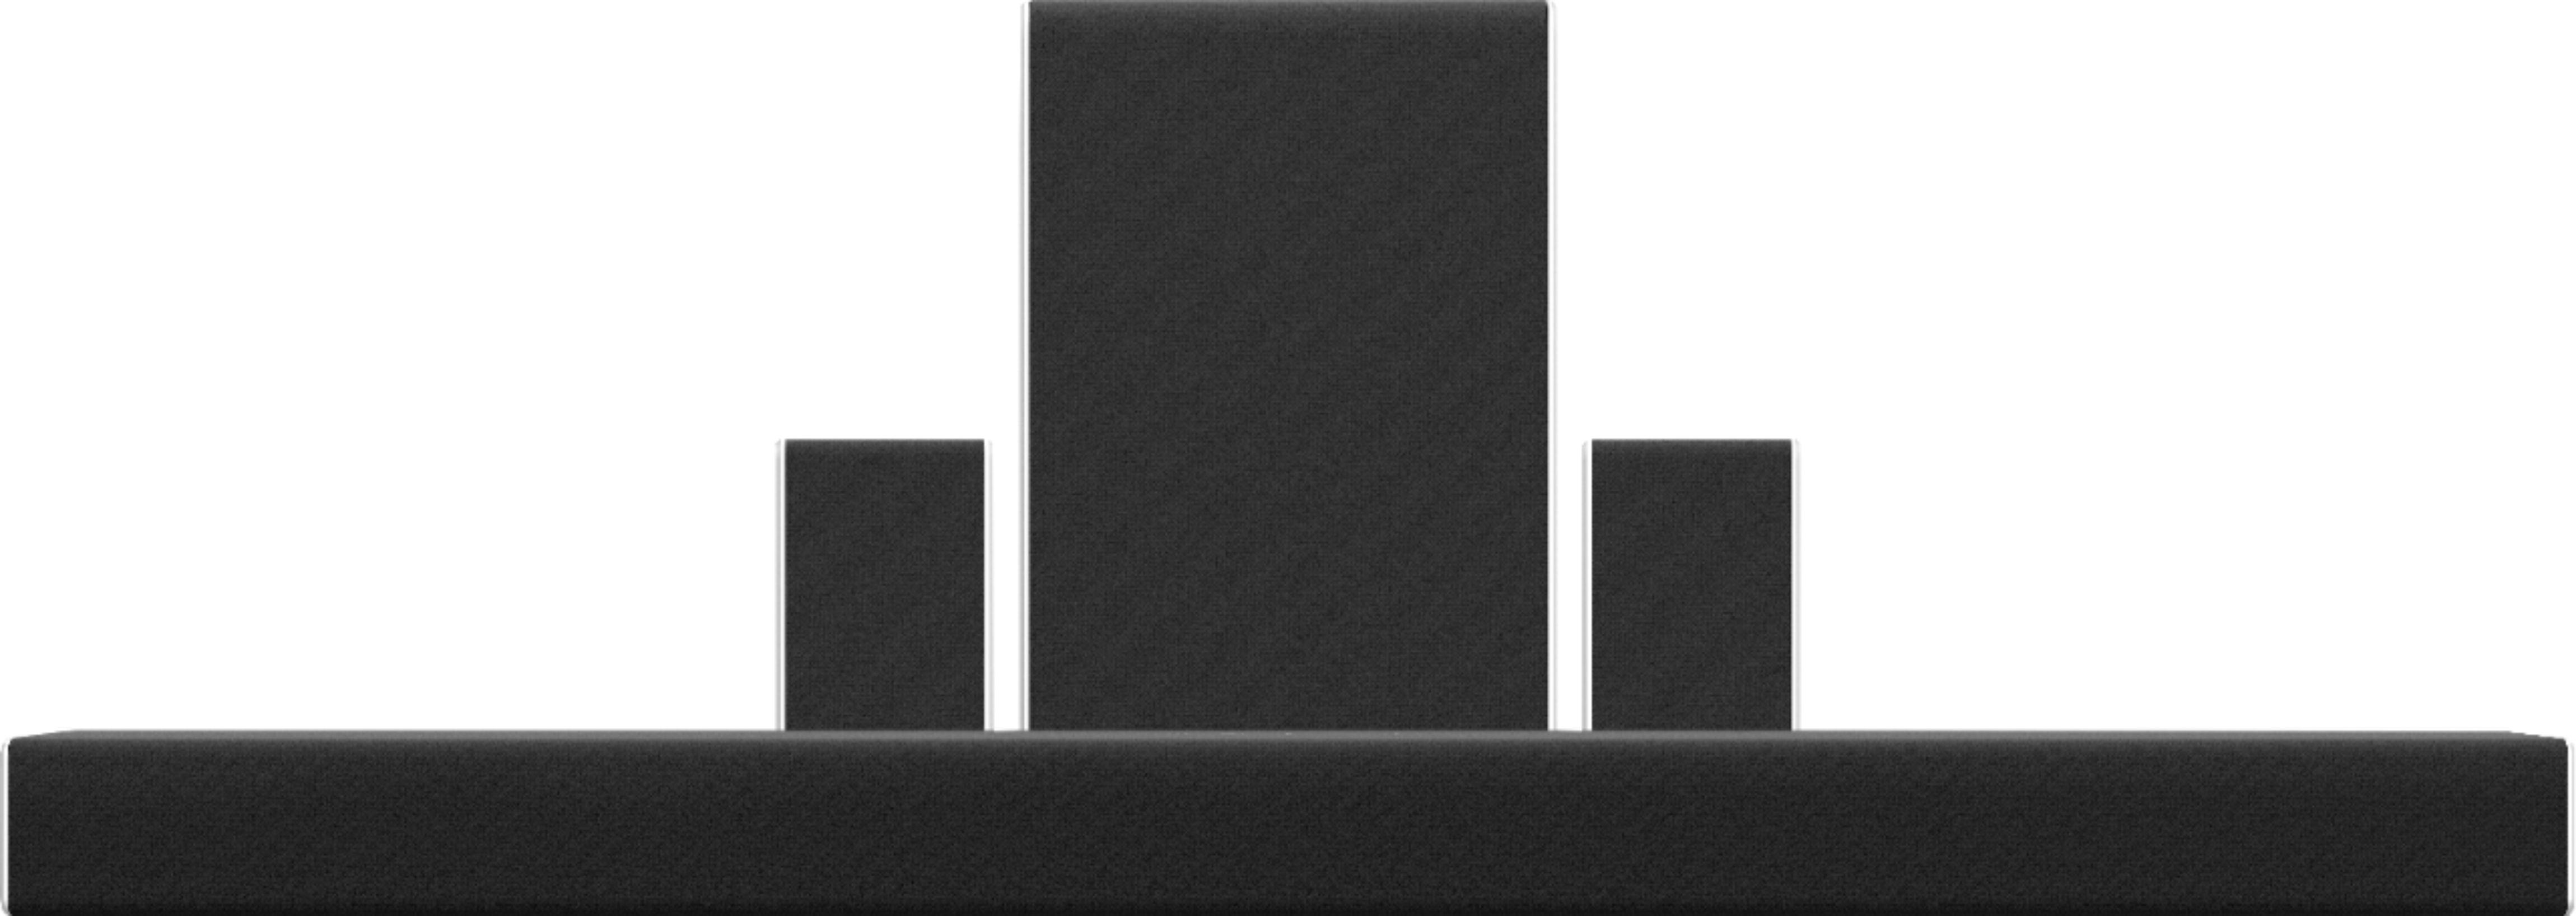 Vizio 5 1 2-Ch Dolby Atmos Soundbar w/ Wireless Subwoofer